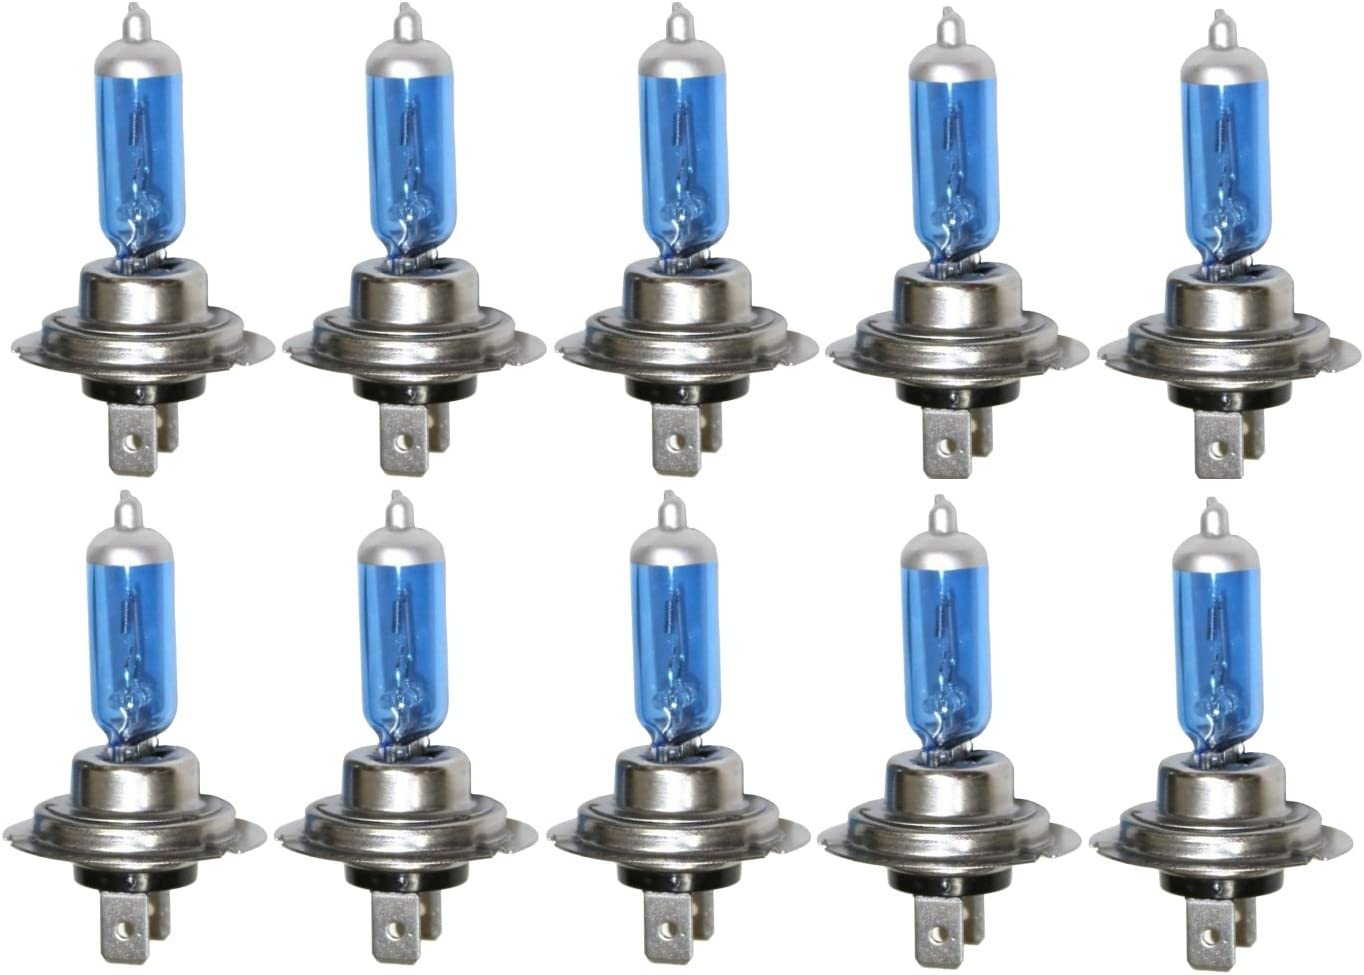 AERZETIX: Bombillas H7 24V 70W con efecto Xenón para camión semirremolque (10 piezas)